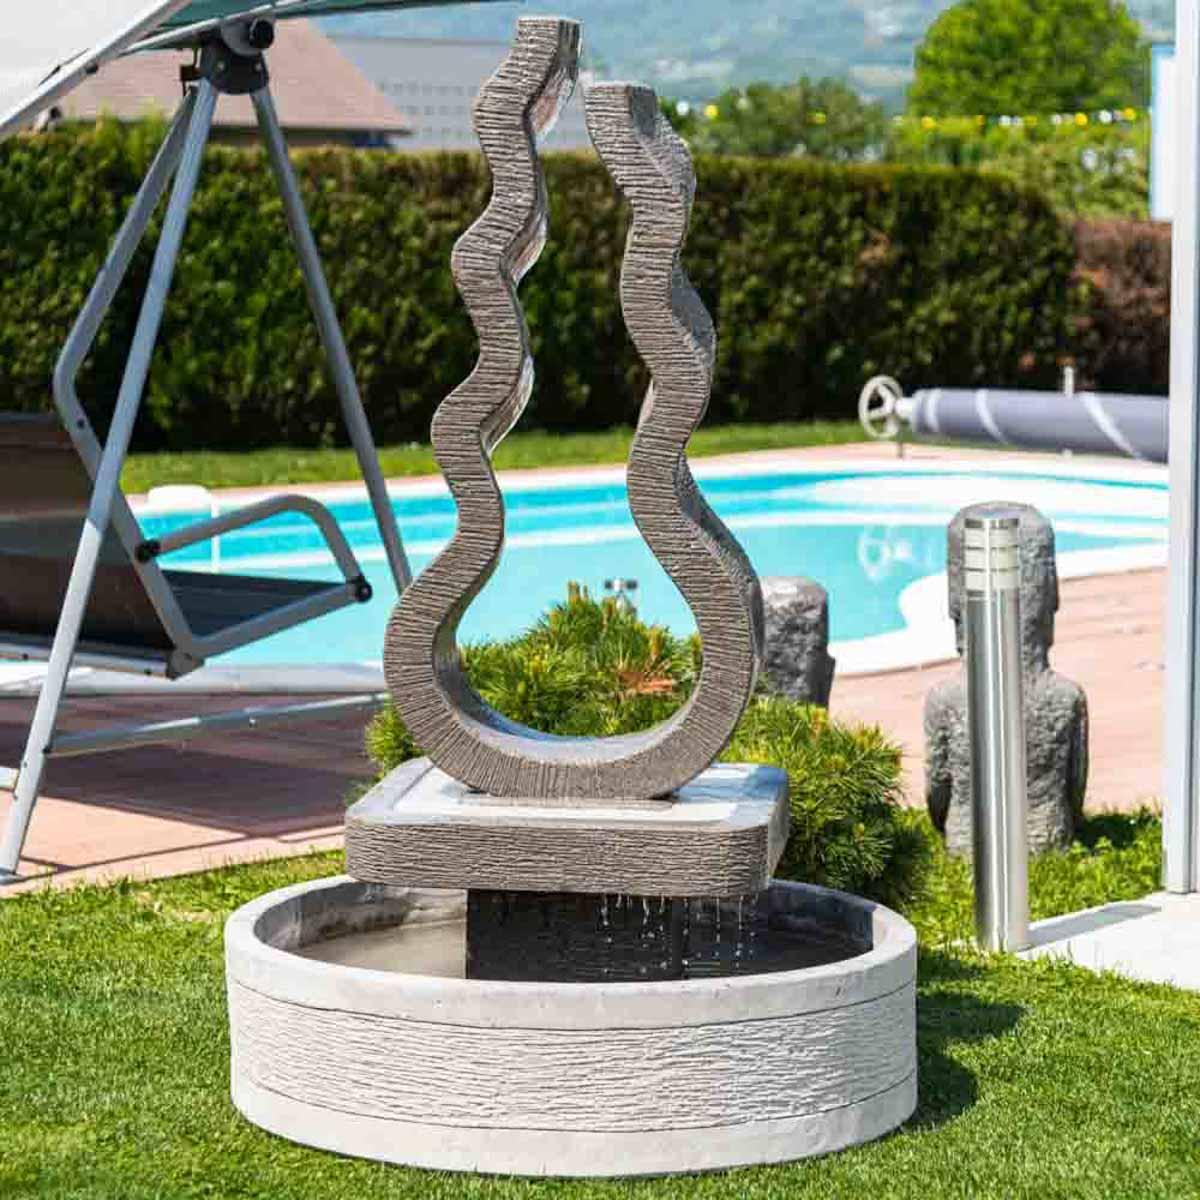 Bassin Fontaine De Jardin fontaine design jardin - kumpalo.parkersydnorhistoric